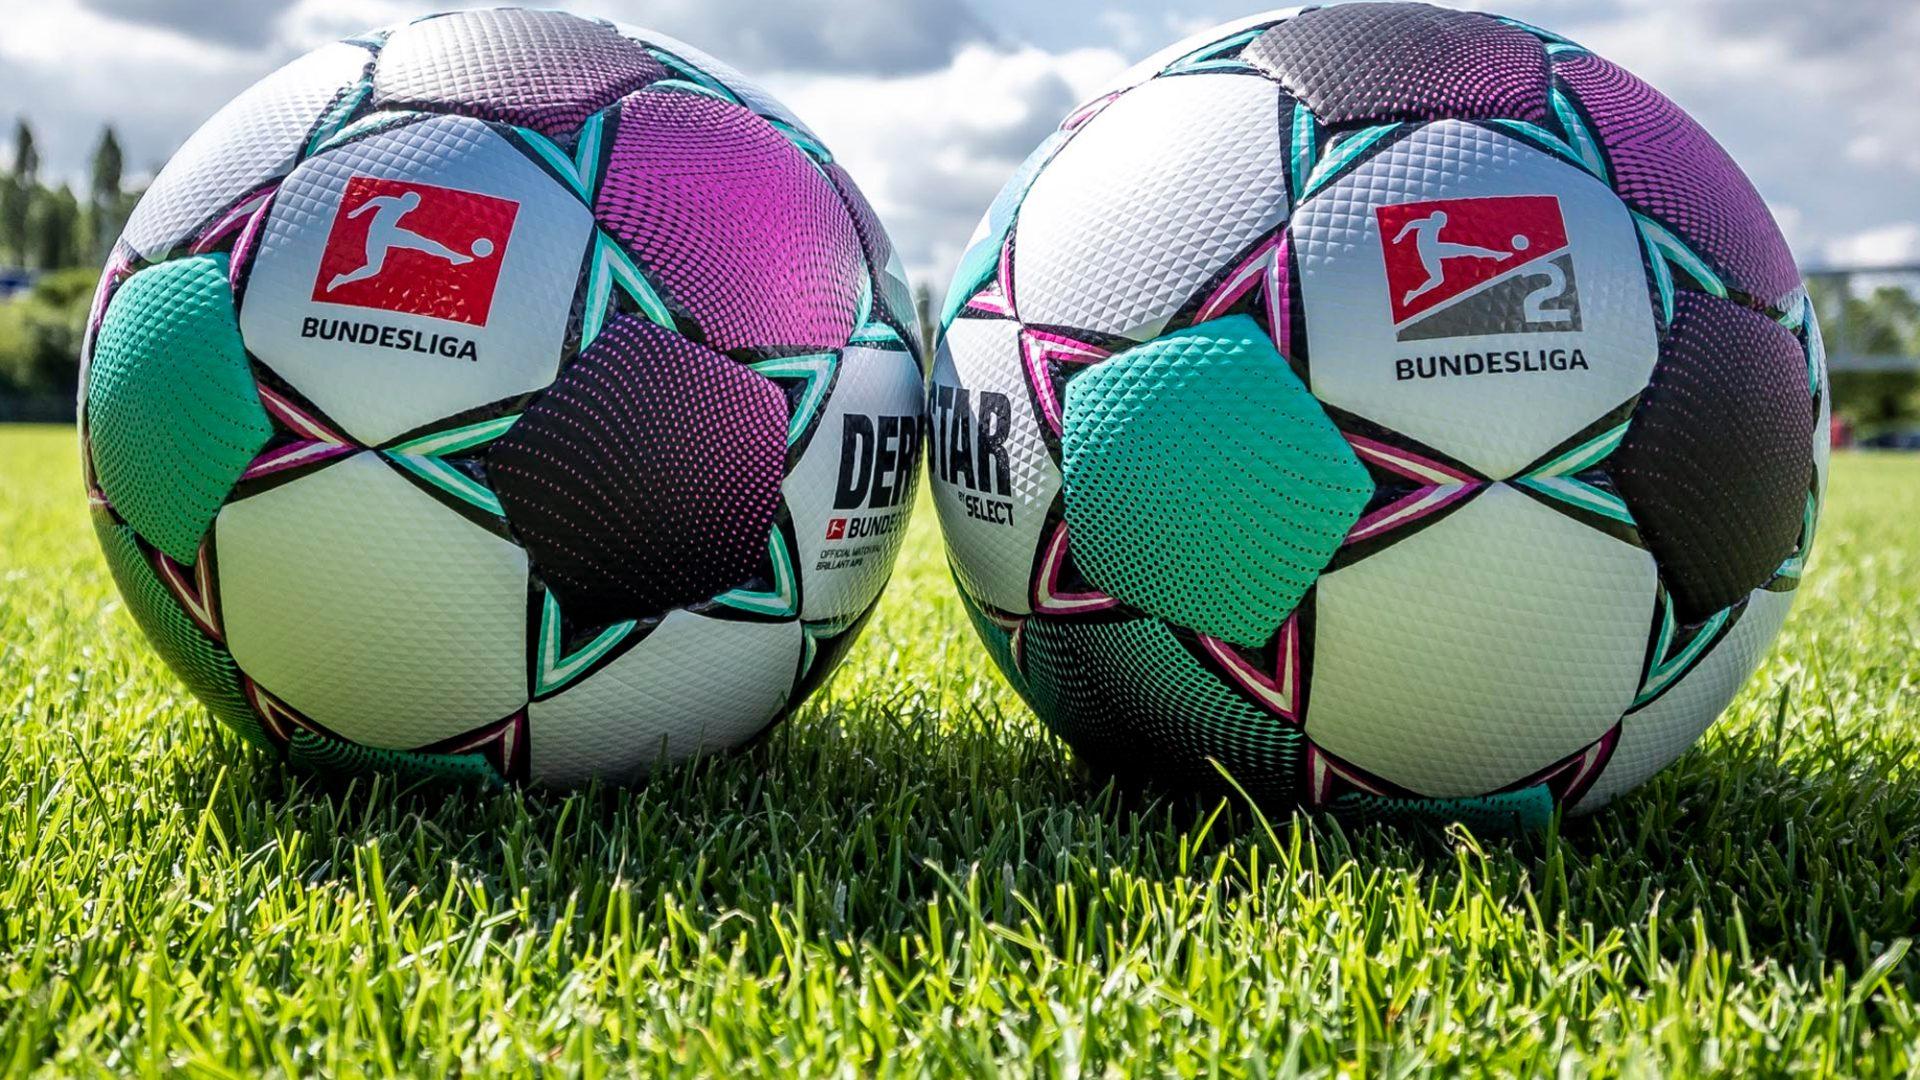 Zwei Partien des 33. Spieltags auf Sonntag verlegt